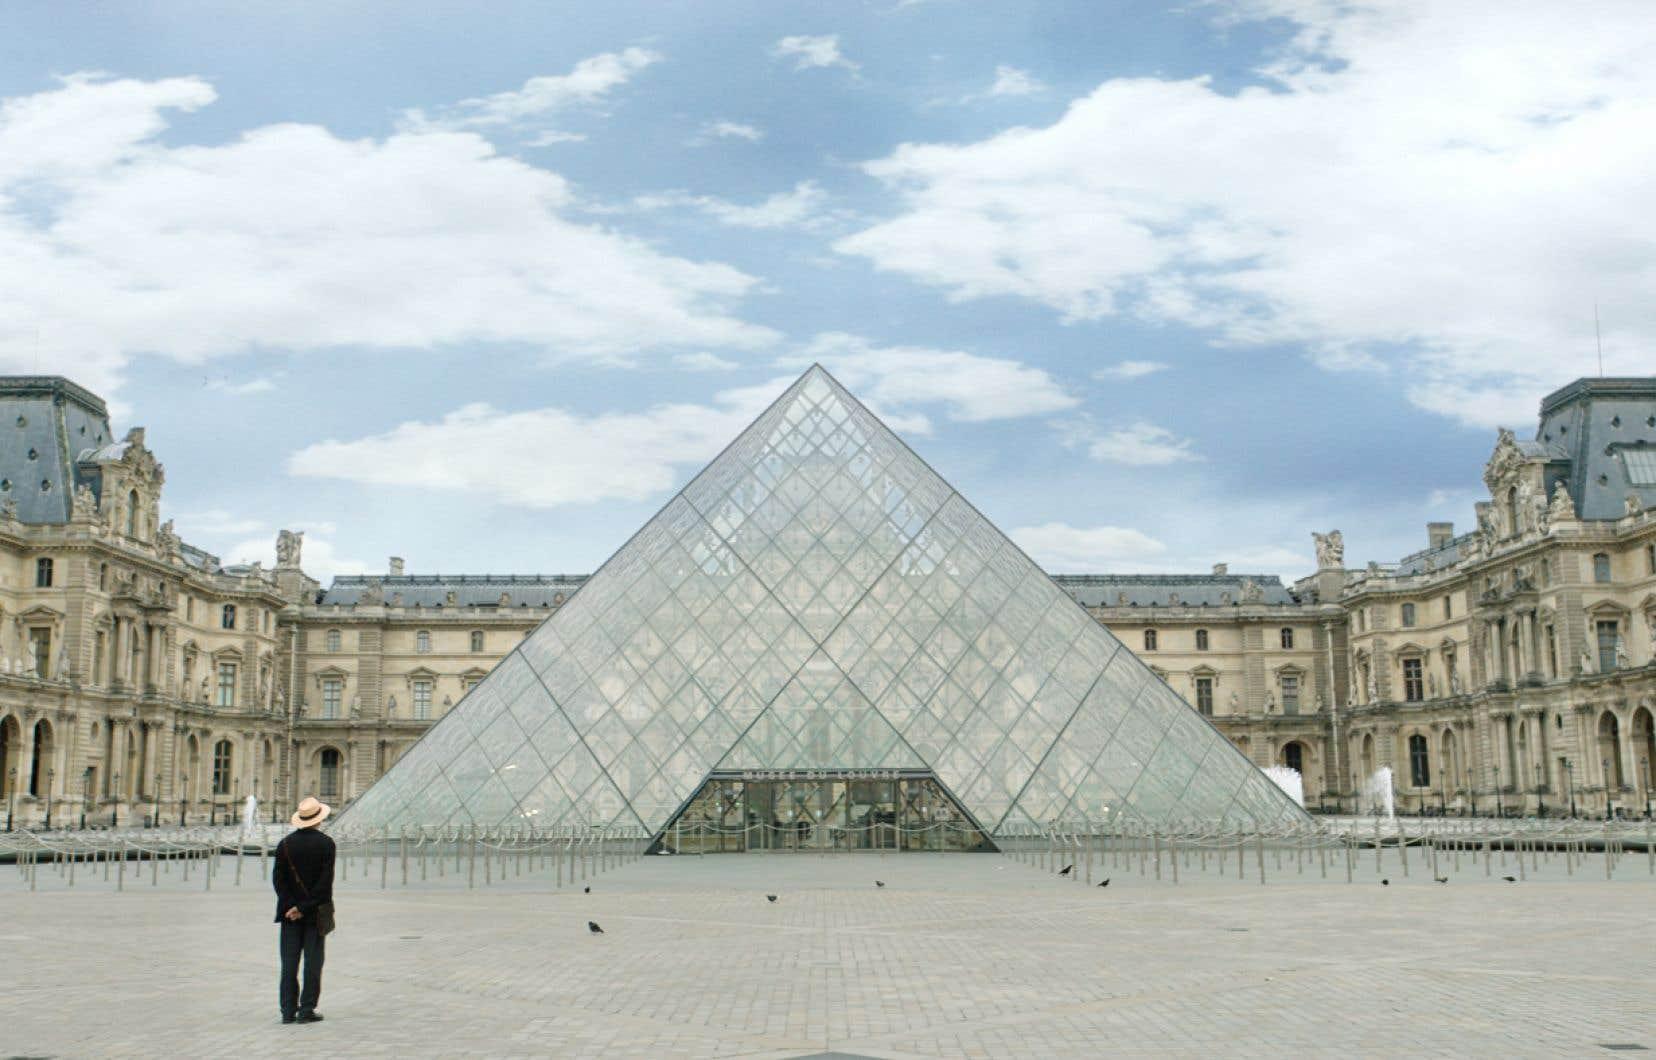 «C'est un film anti-ethnographique et anti-touristique, dit le cinéaste Elia Suleiman. Plutôt une œuvre critique avec une distance. J'ai voulu vider Paris pour montrer ce qui ne marche pas. Quand tu vides la place, tu poses un regard neuf sur sa beauté.»